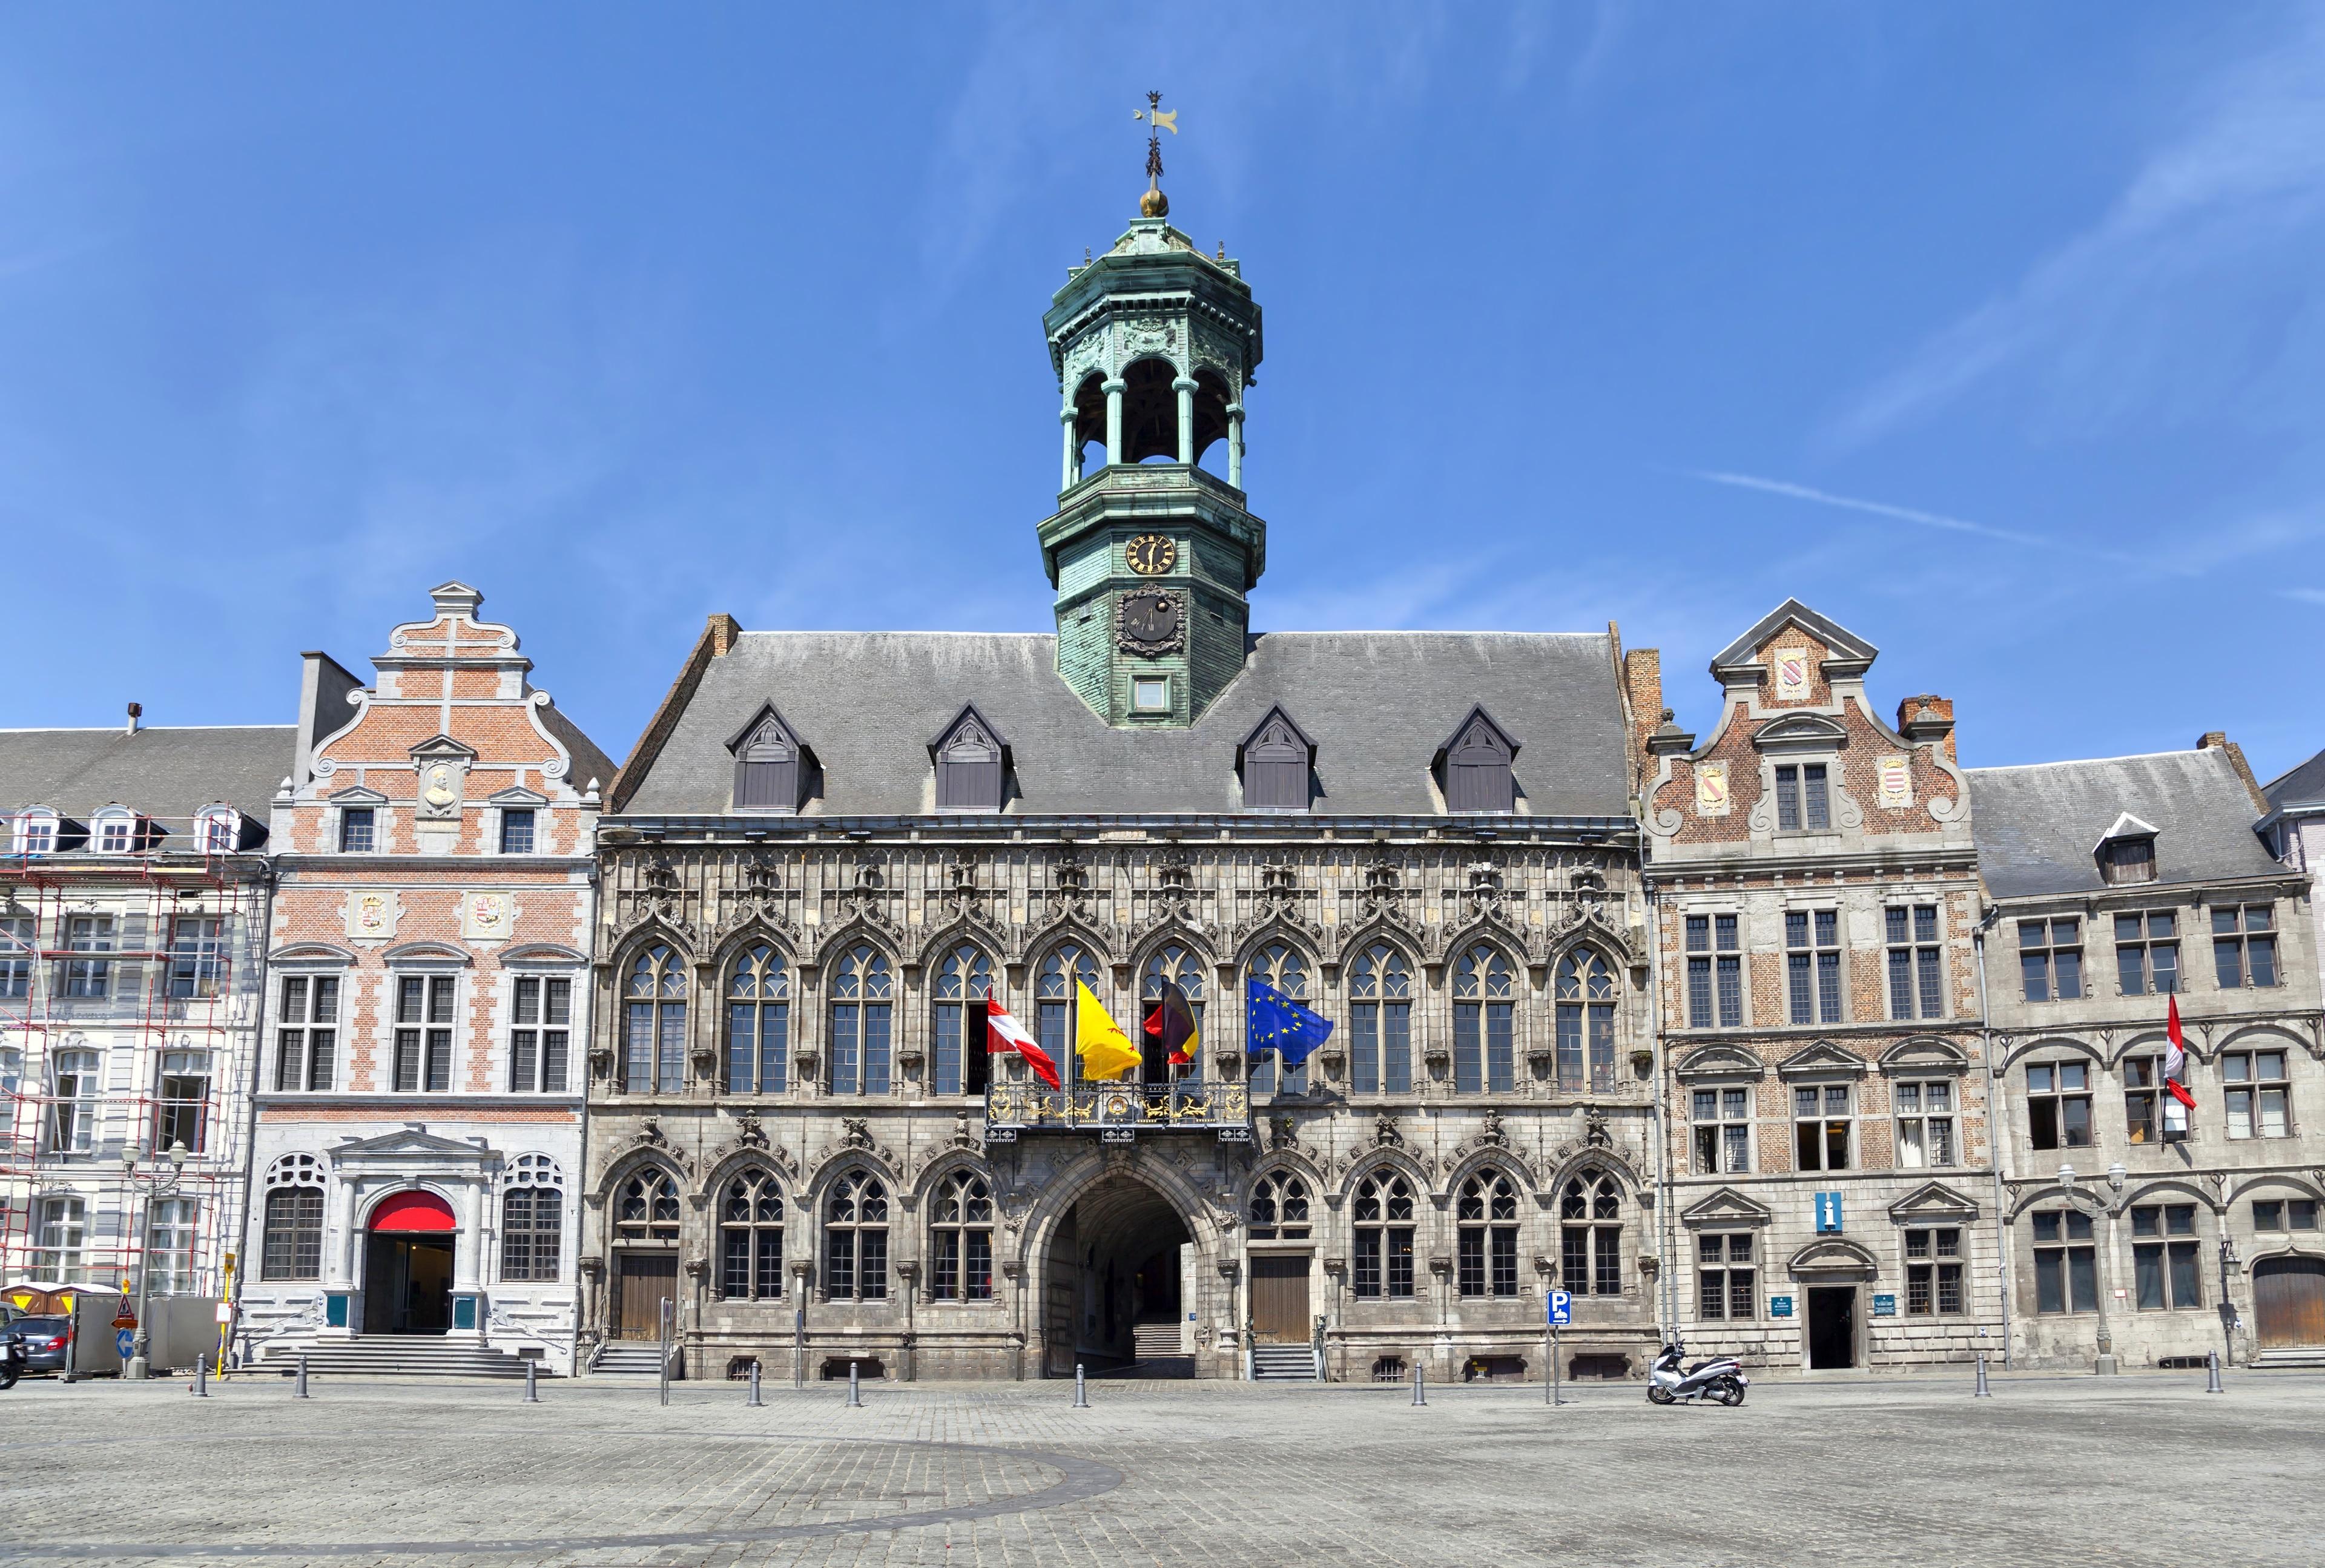 Hainaut Province, Walloon Region, Belgium